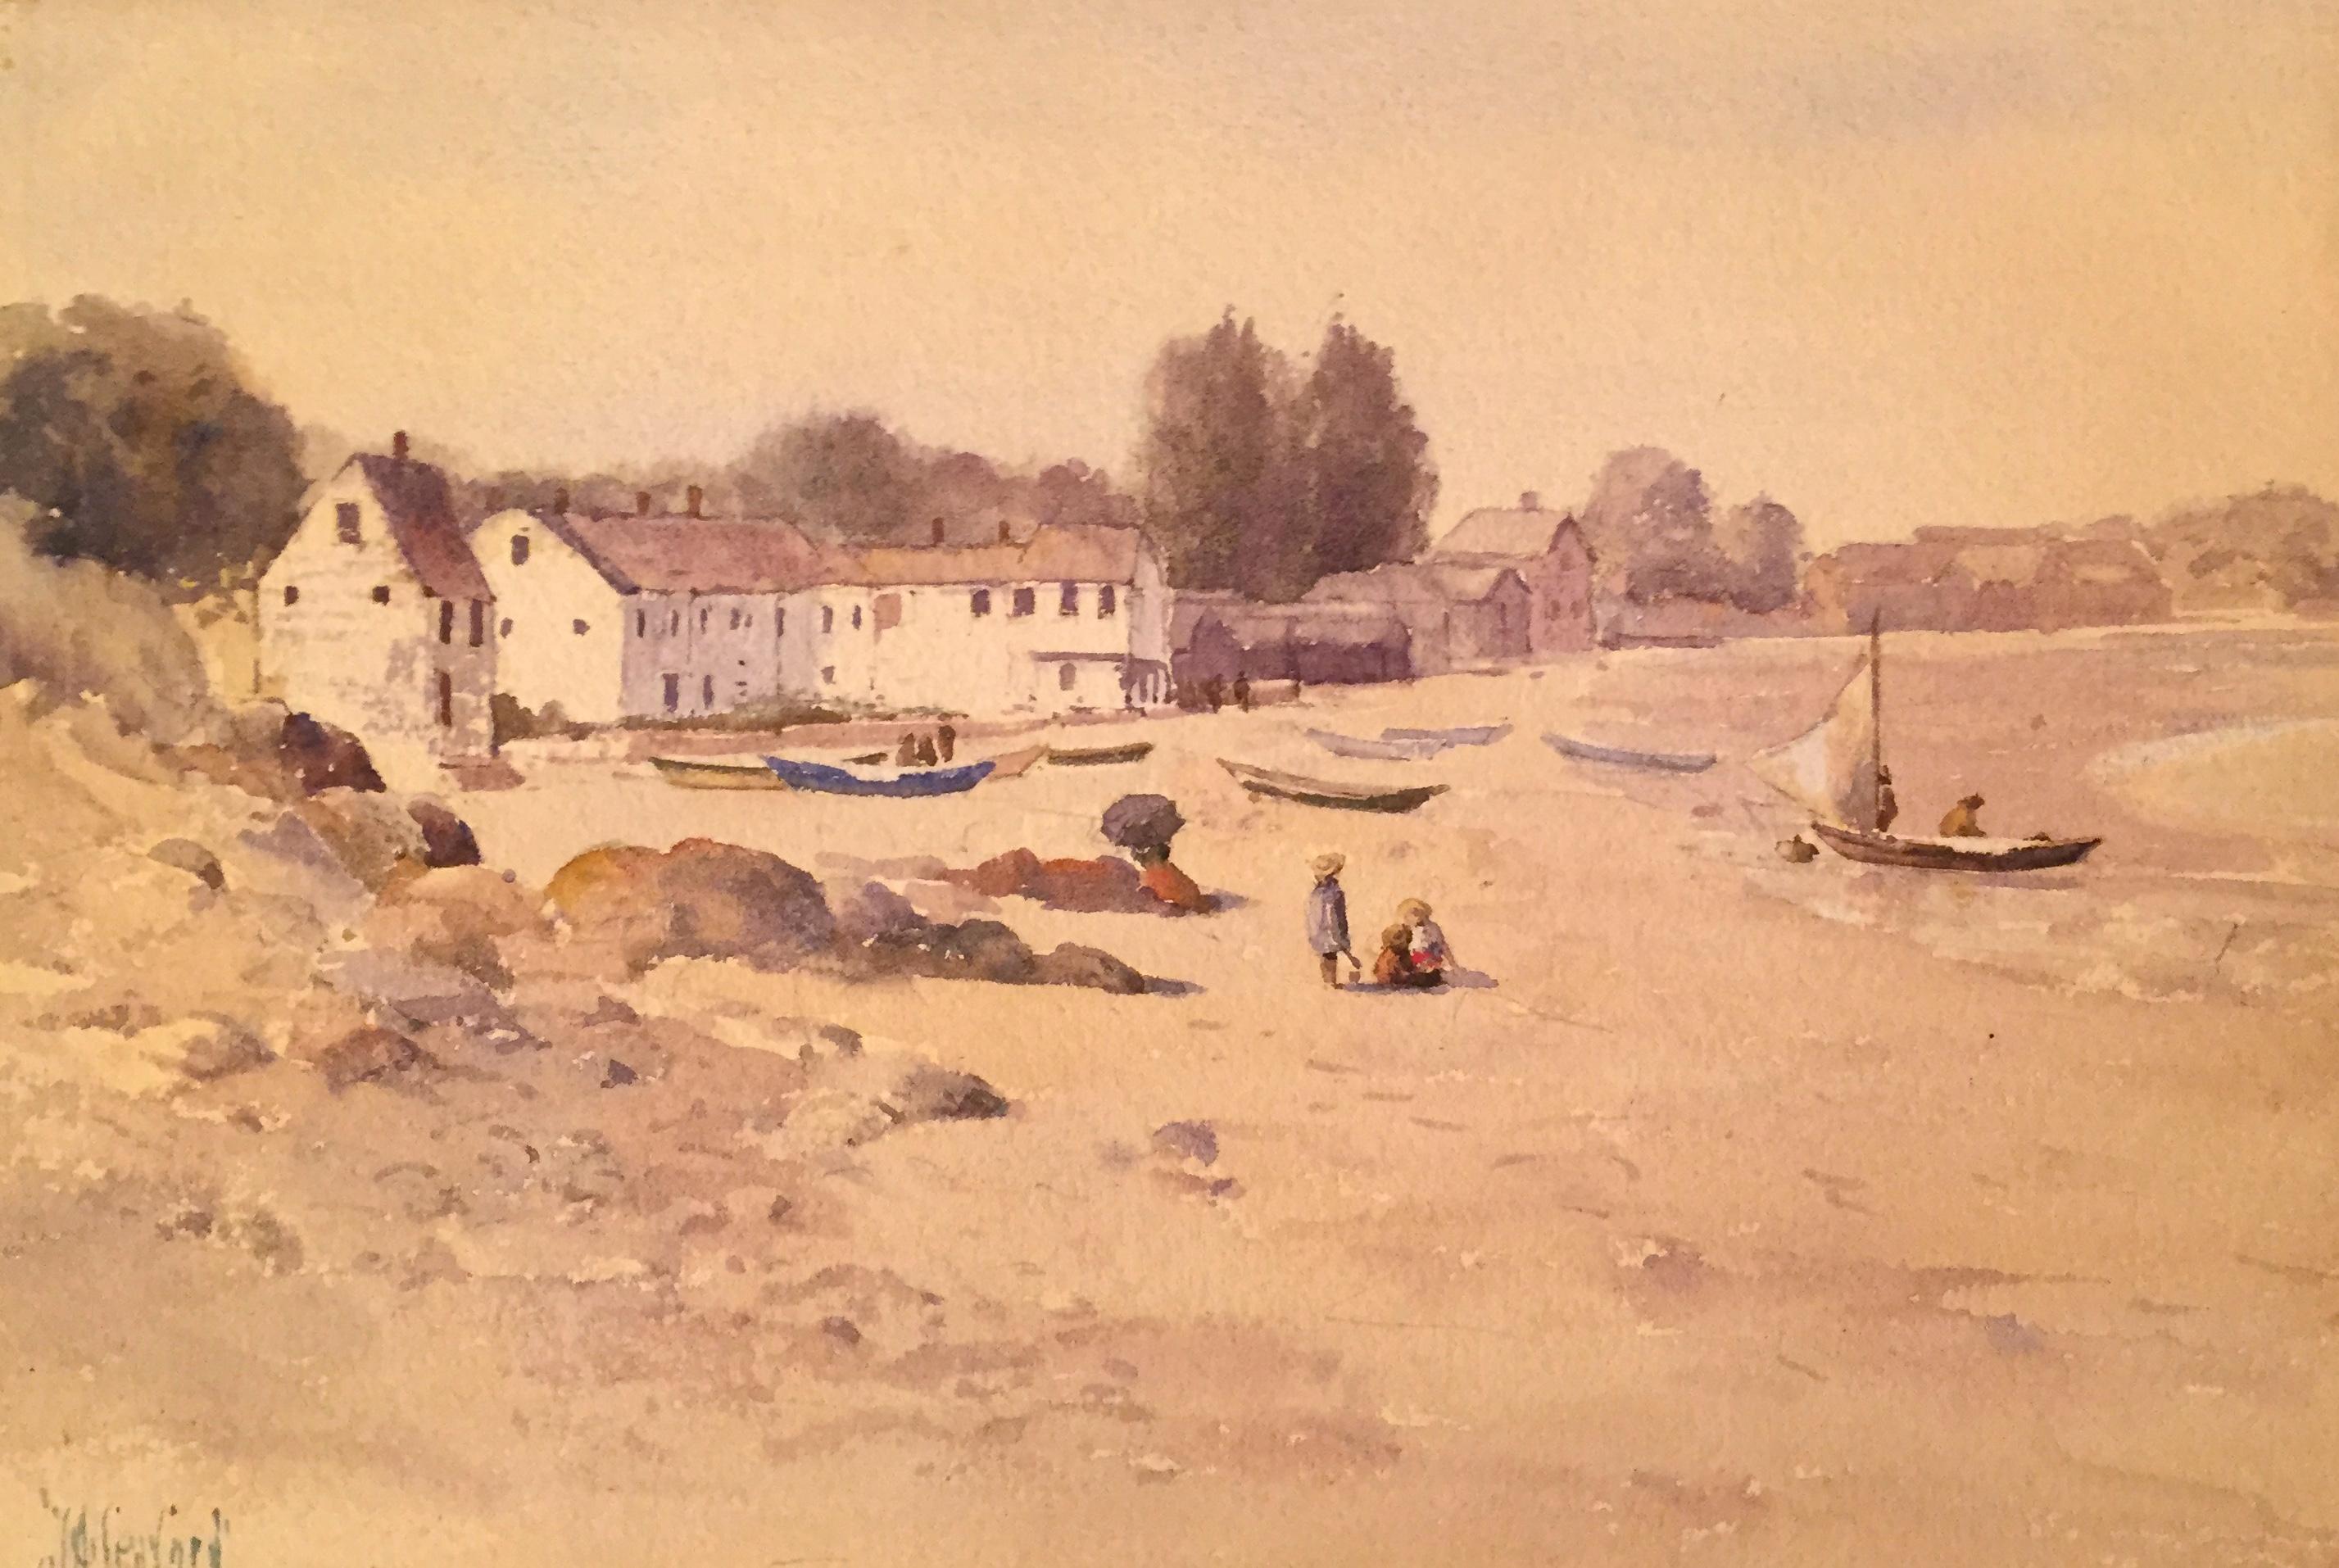 seaford-beach-cropped